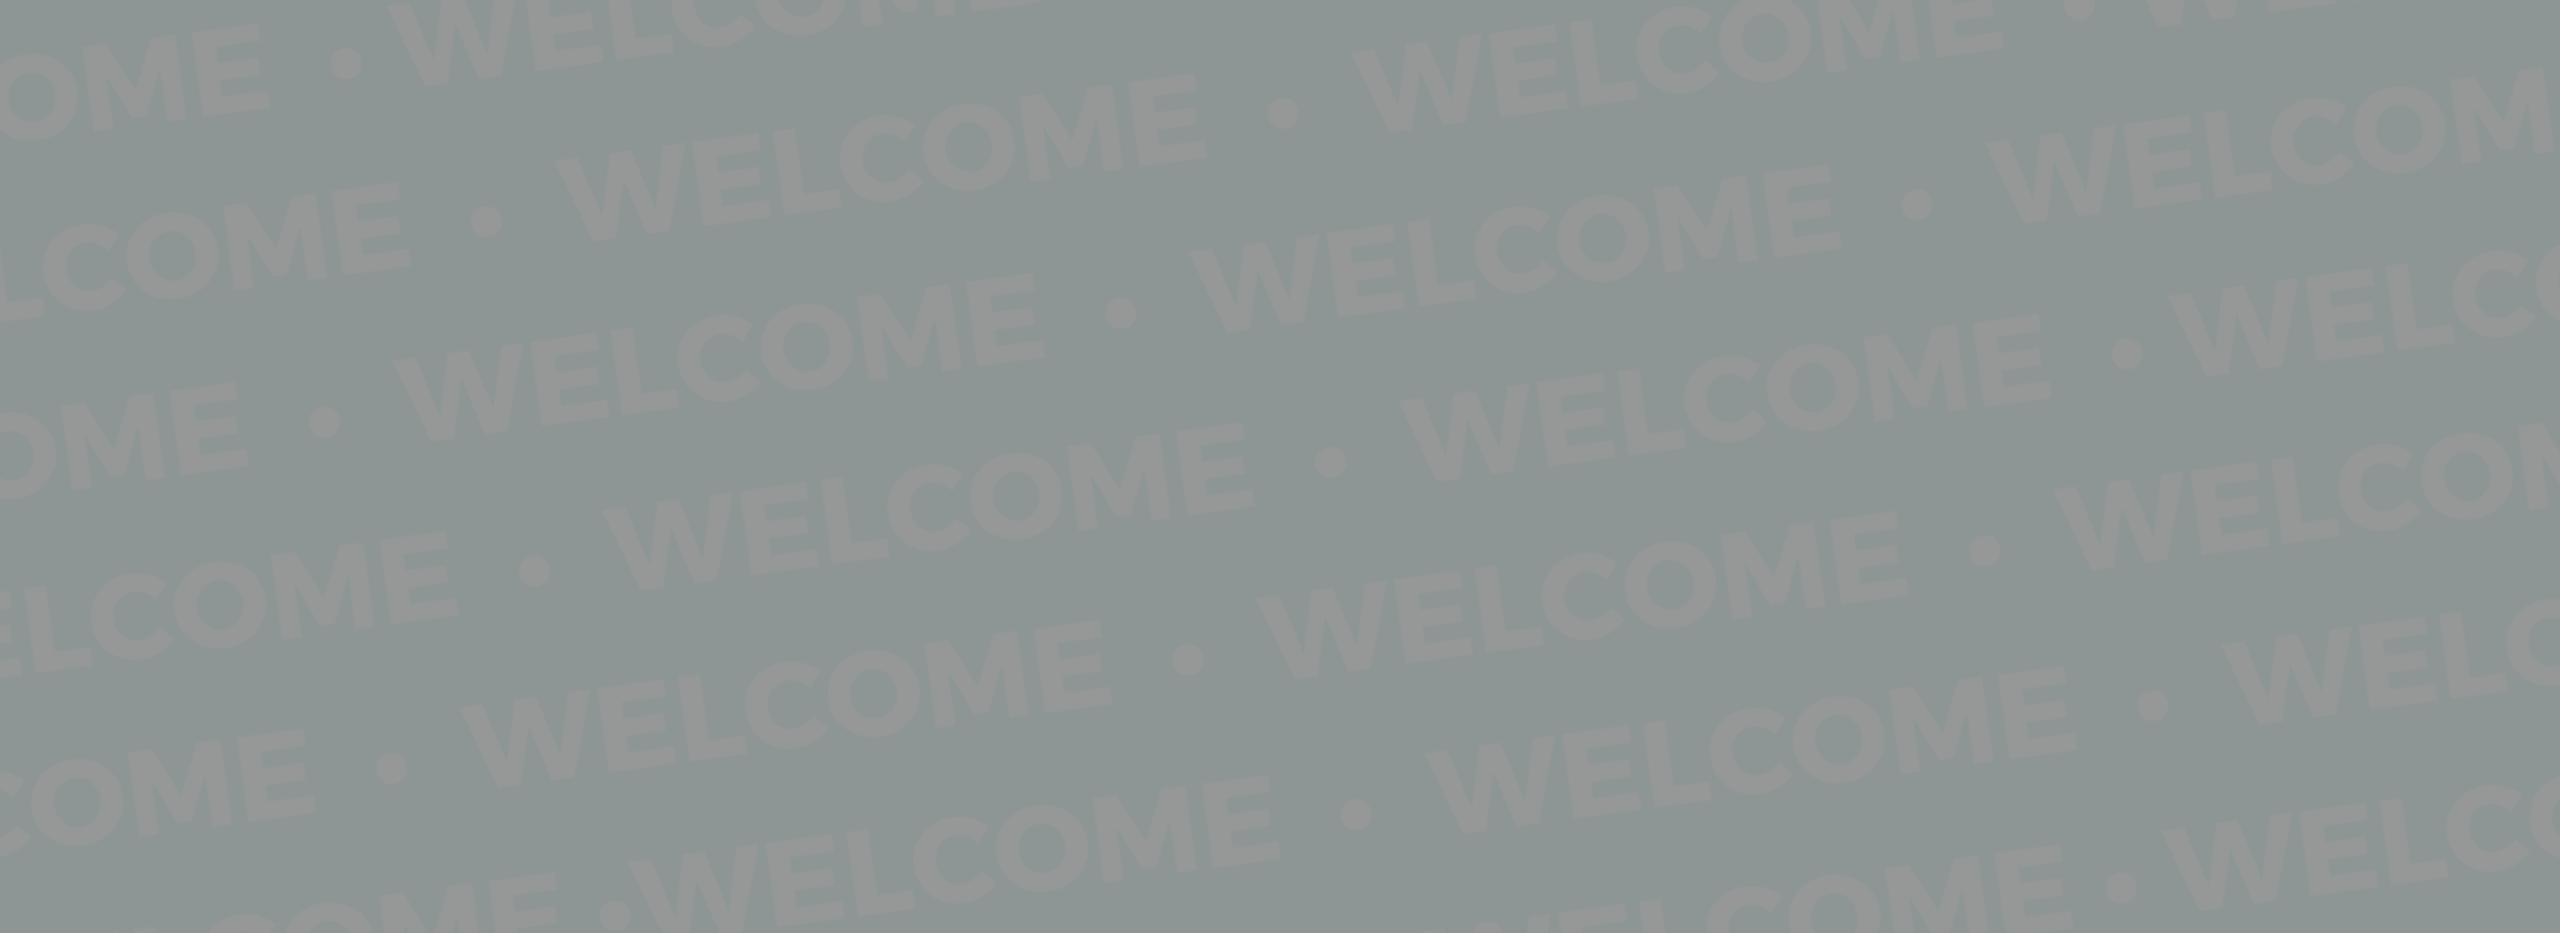 MRE | AP Welcomes New Agent Sebastian Langenberg